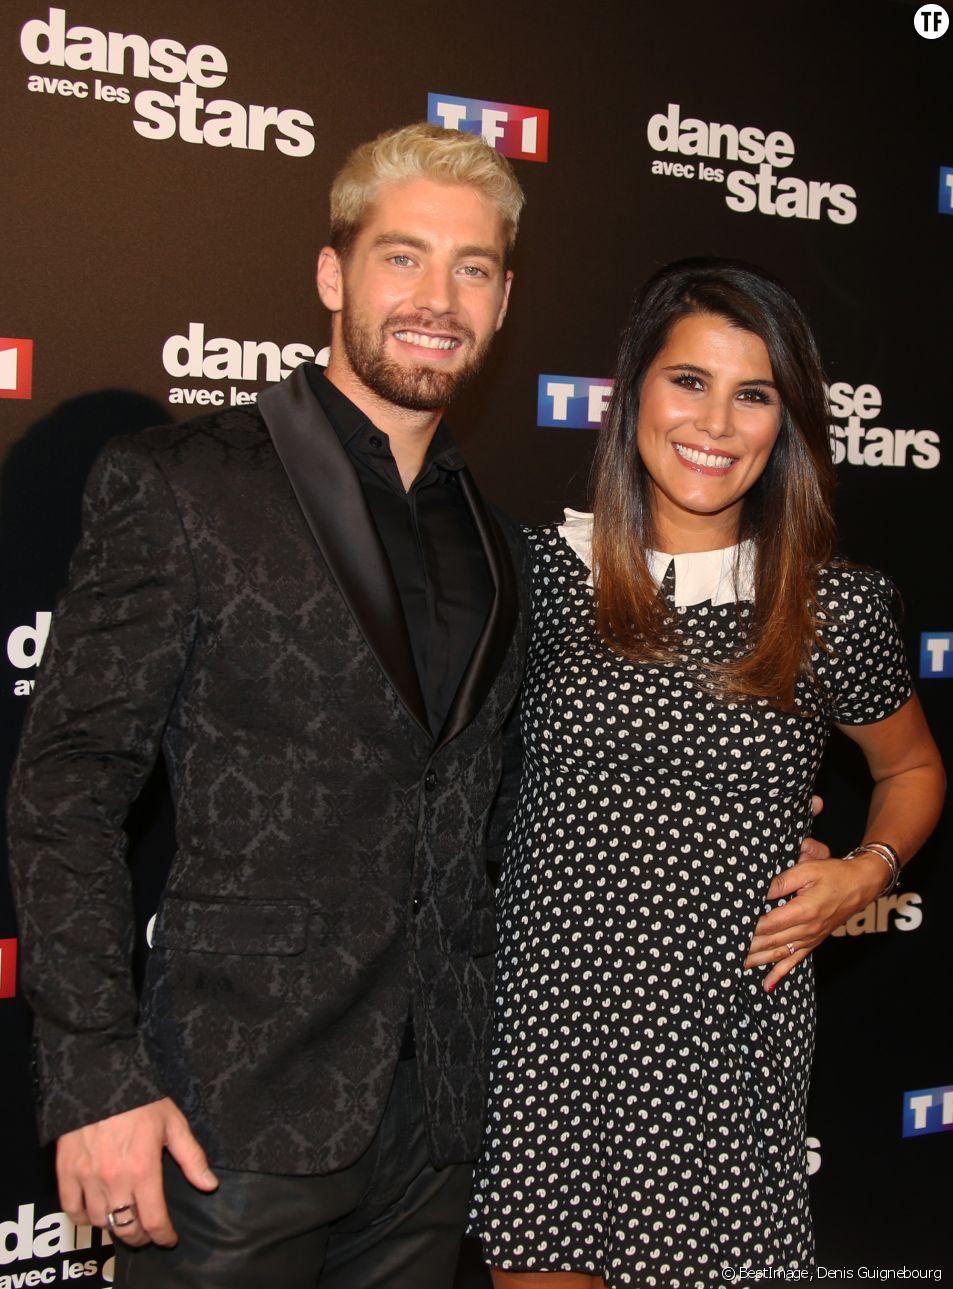 Karine Ferri et Yann-Alrick Mortreuil au photocall de l'émission Danse Avec Les Stars saison 7, le 28 septembre 2016.